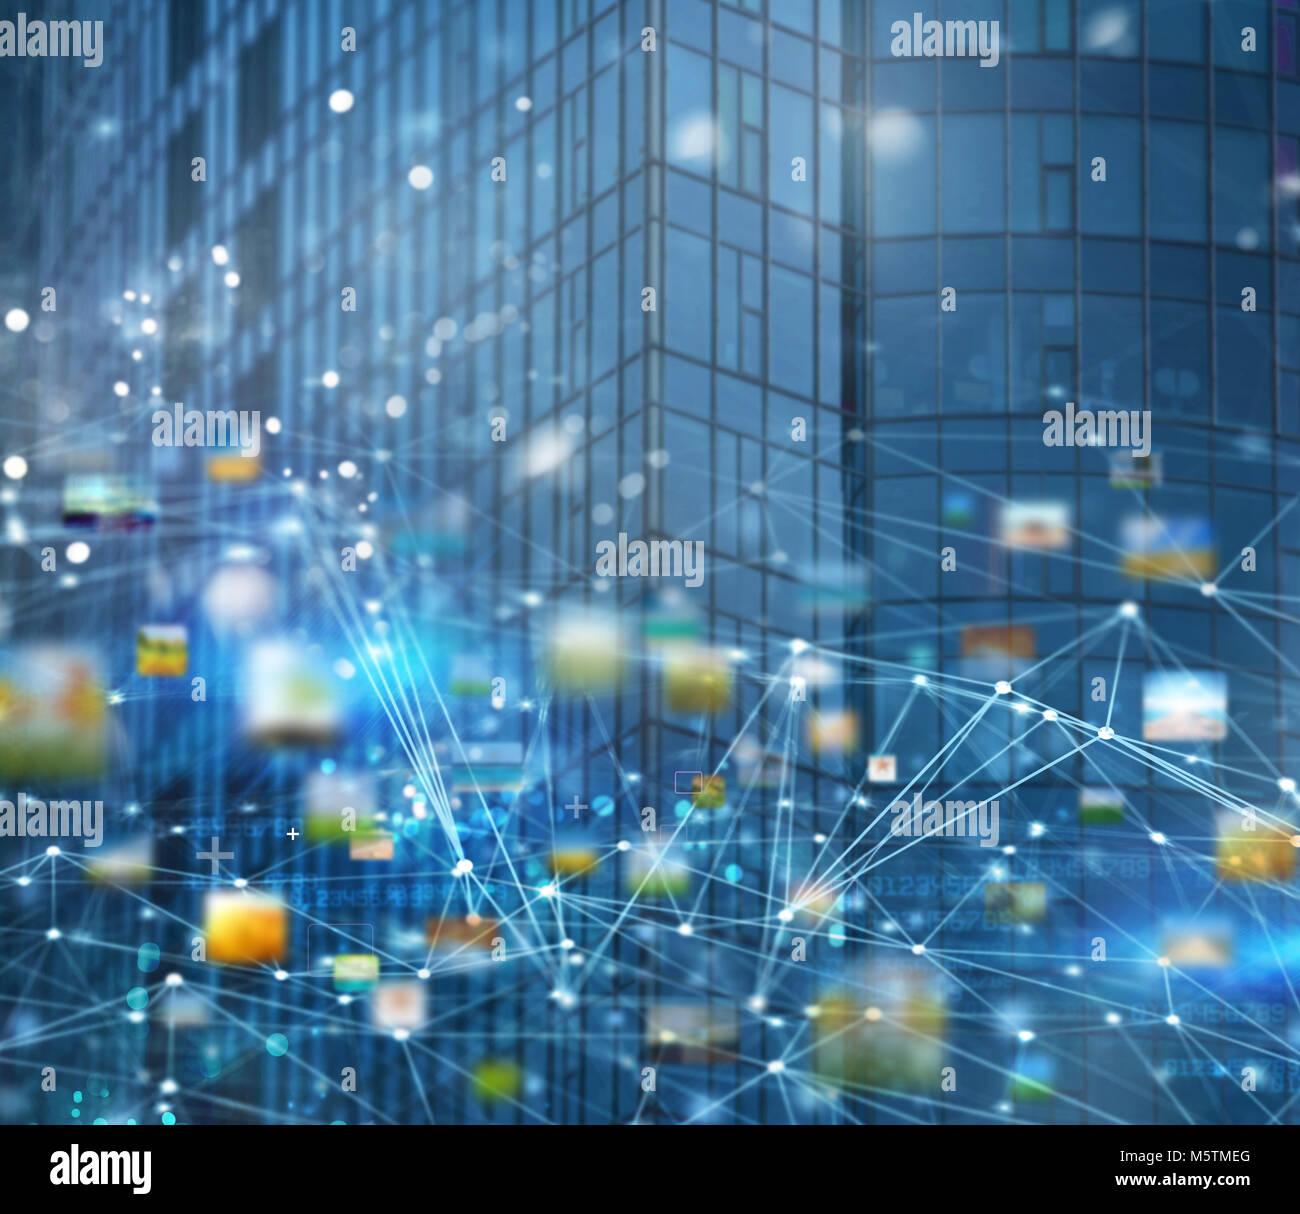 Abstract rete di collegamento internet con uno sfondo con effetti di movimento Immagini Stock